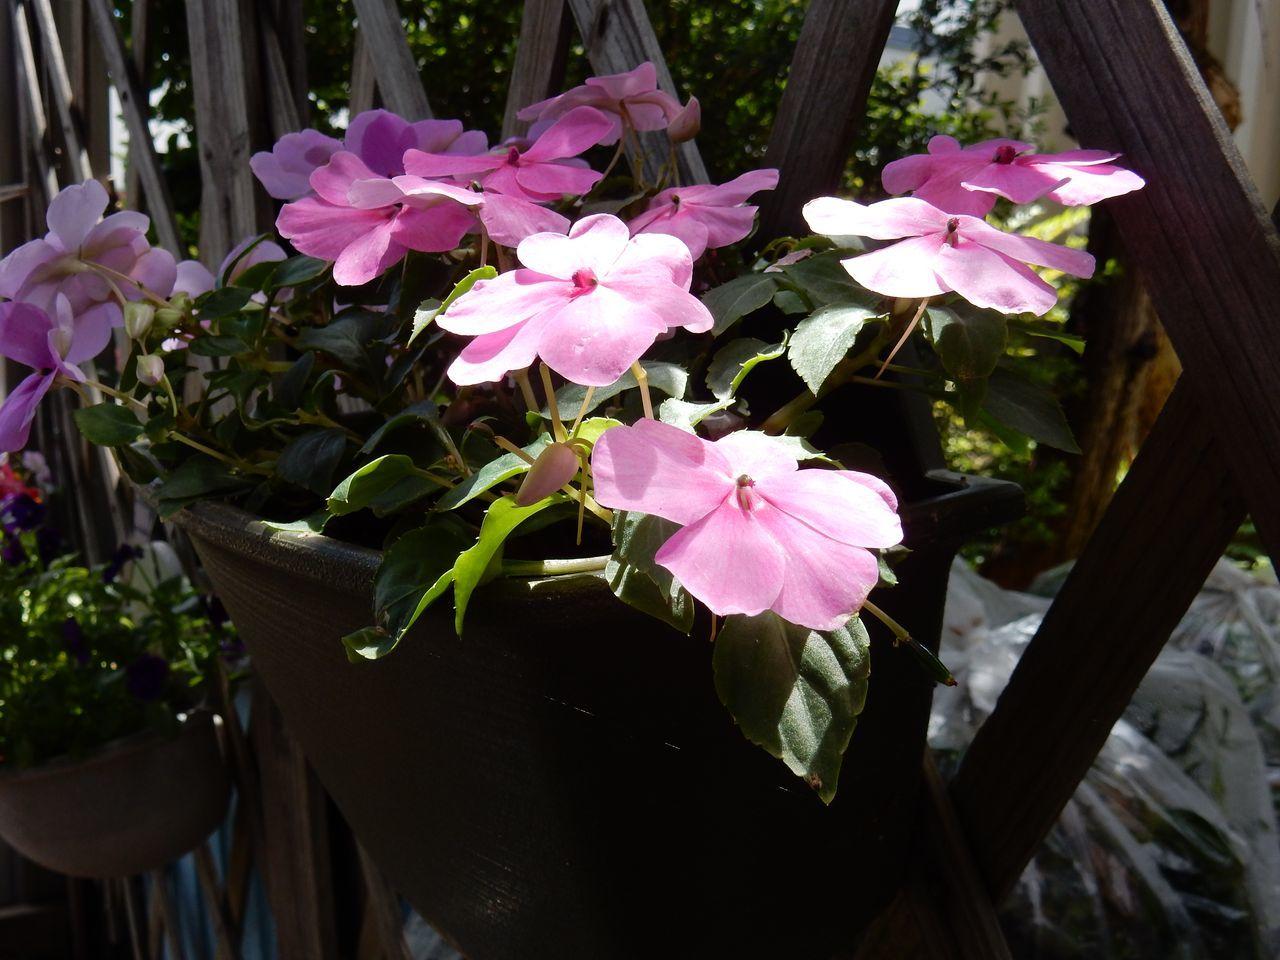 花落ちてナツツバキの季節が始まったことを知る_c0025115_22102599.jpg